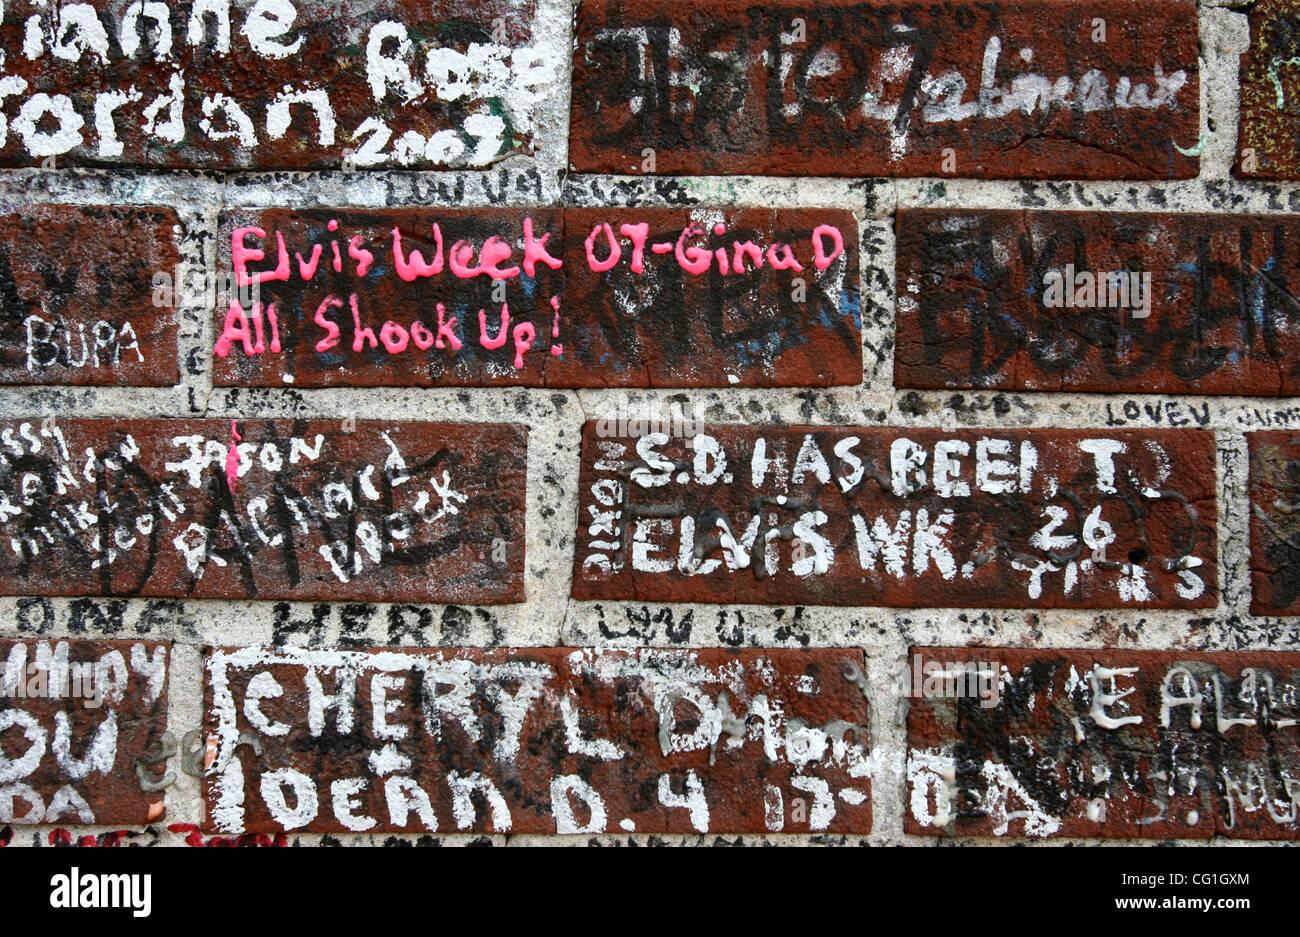 081607 traf Elvis Foto-12 Mitarbeiter von Gary Coronado/The Palm Beach Post 0041321A mit Geschichte von Rachel Sauer Stockbild